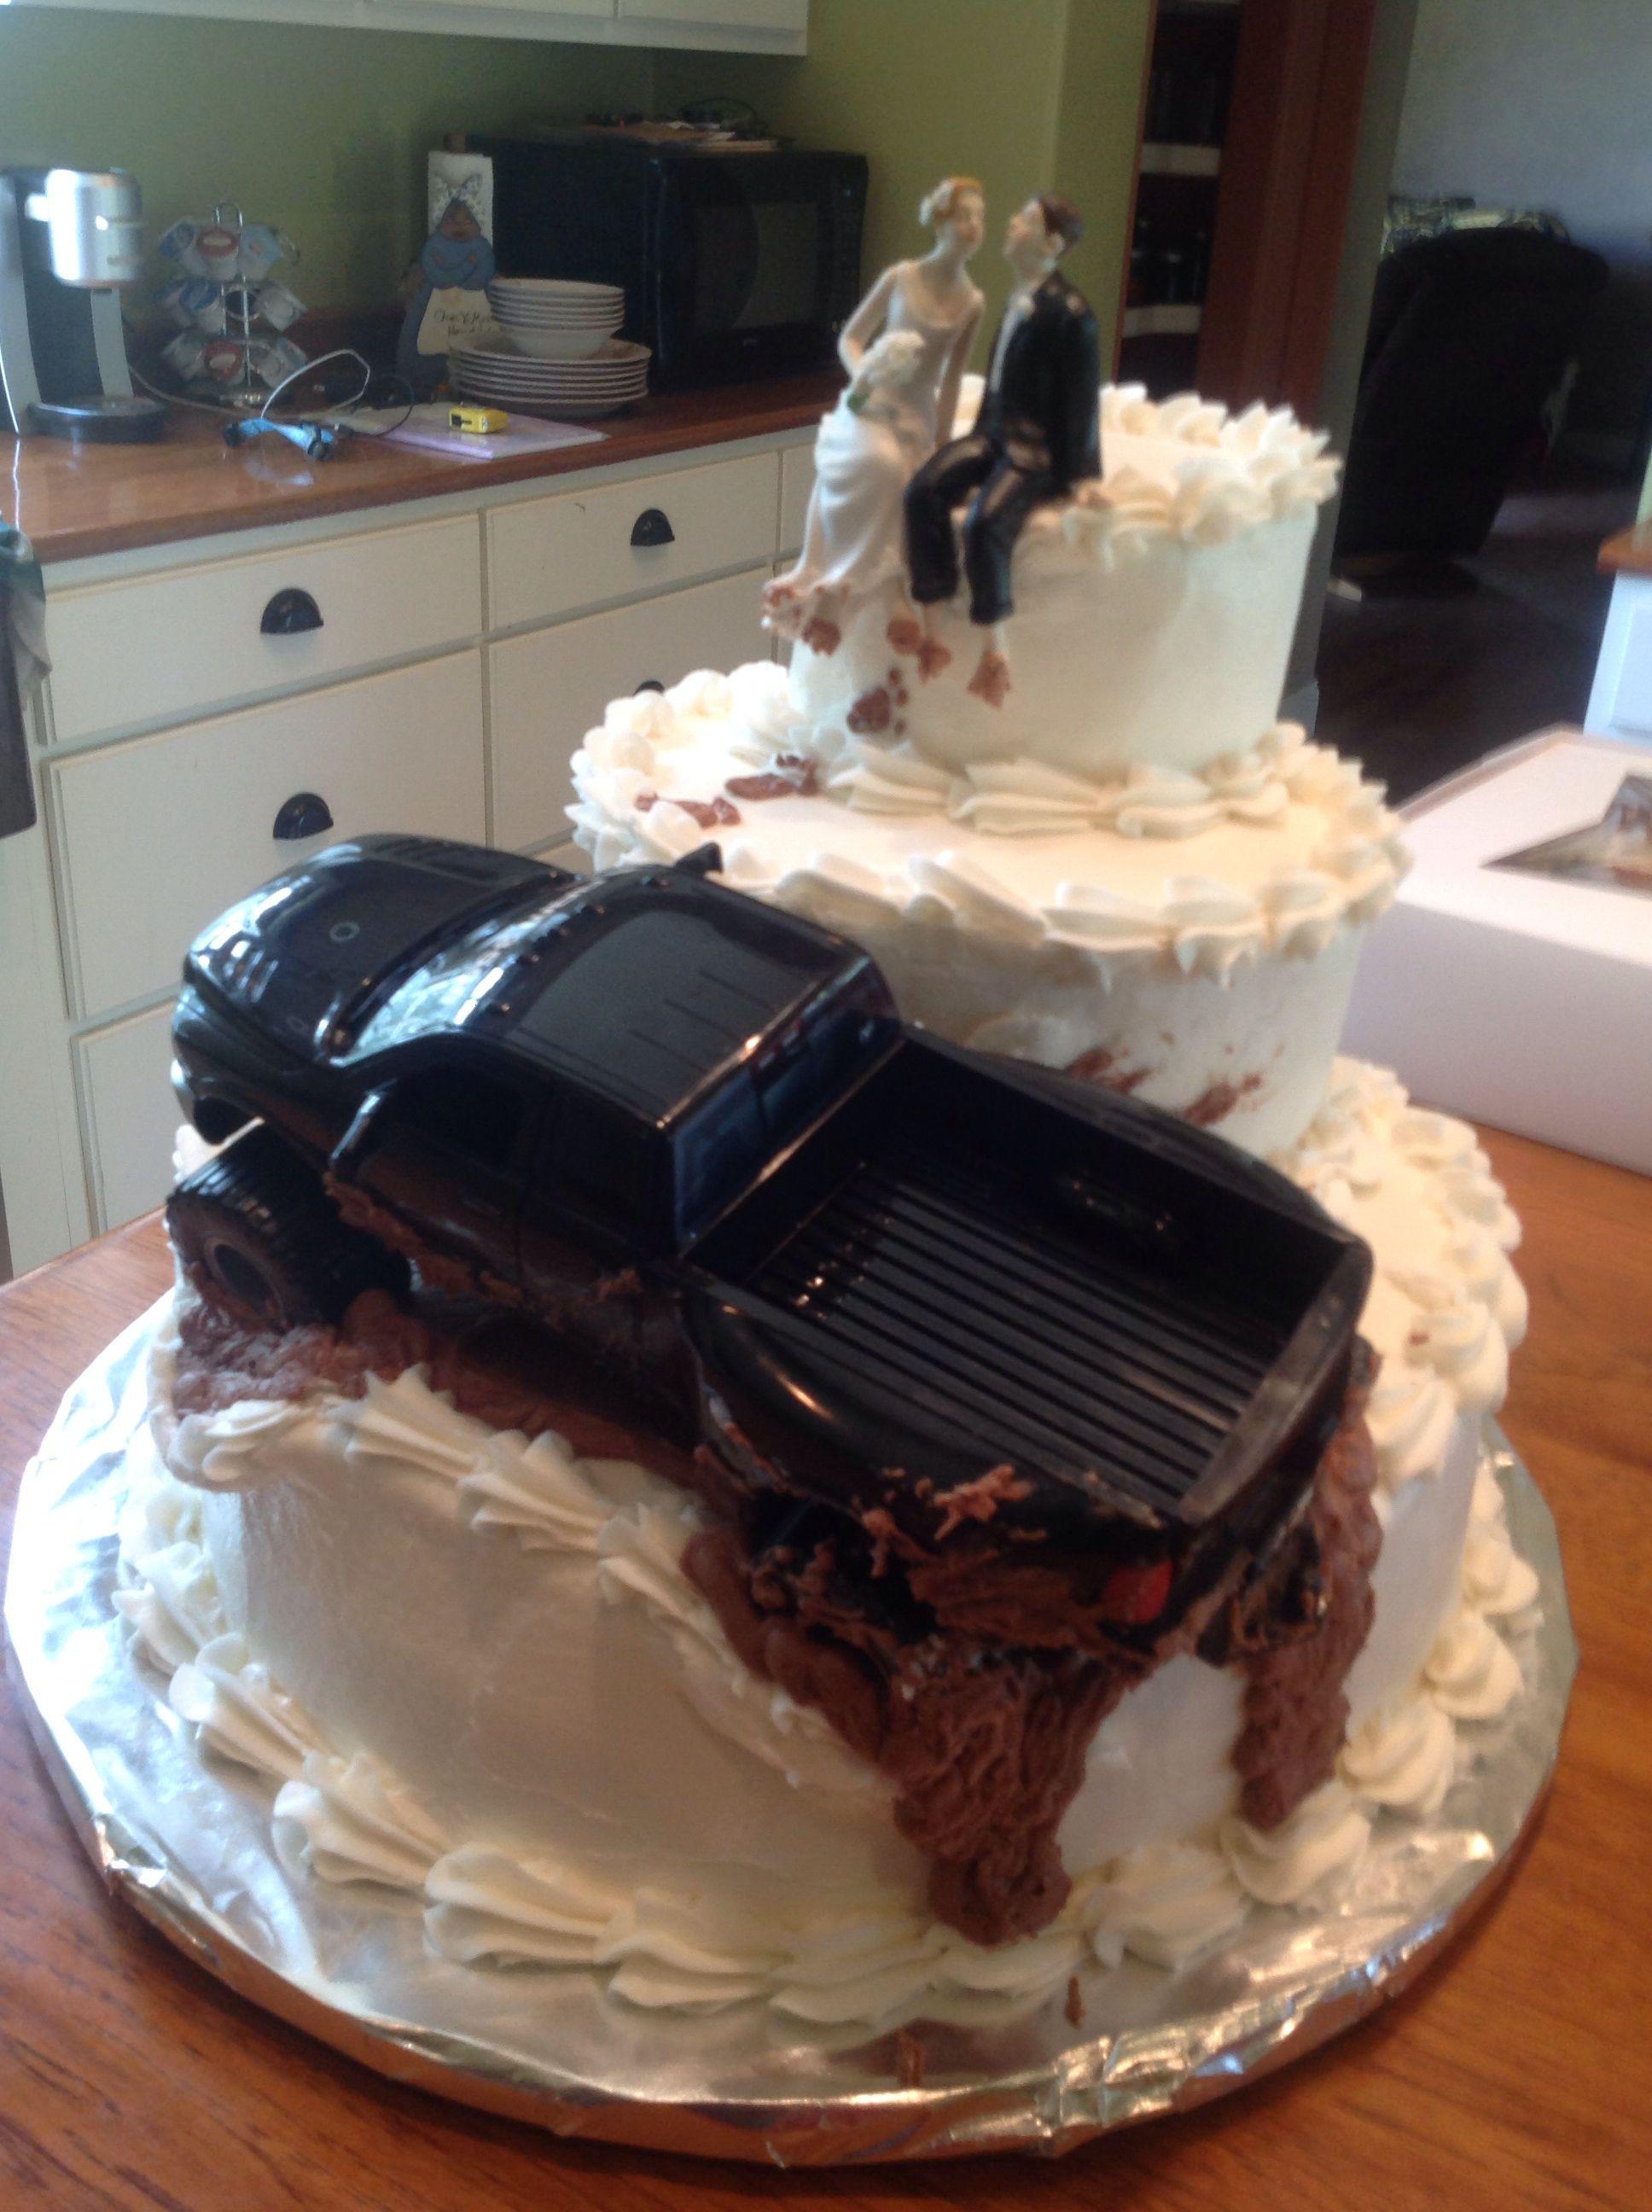 Truck Struck In Mud Wedding Cake